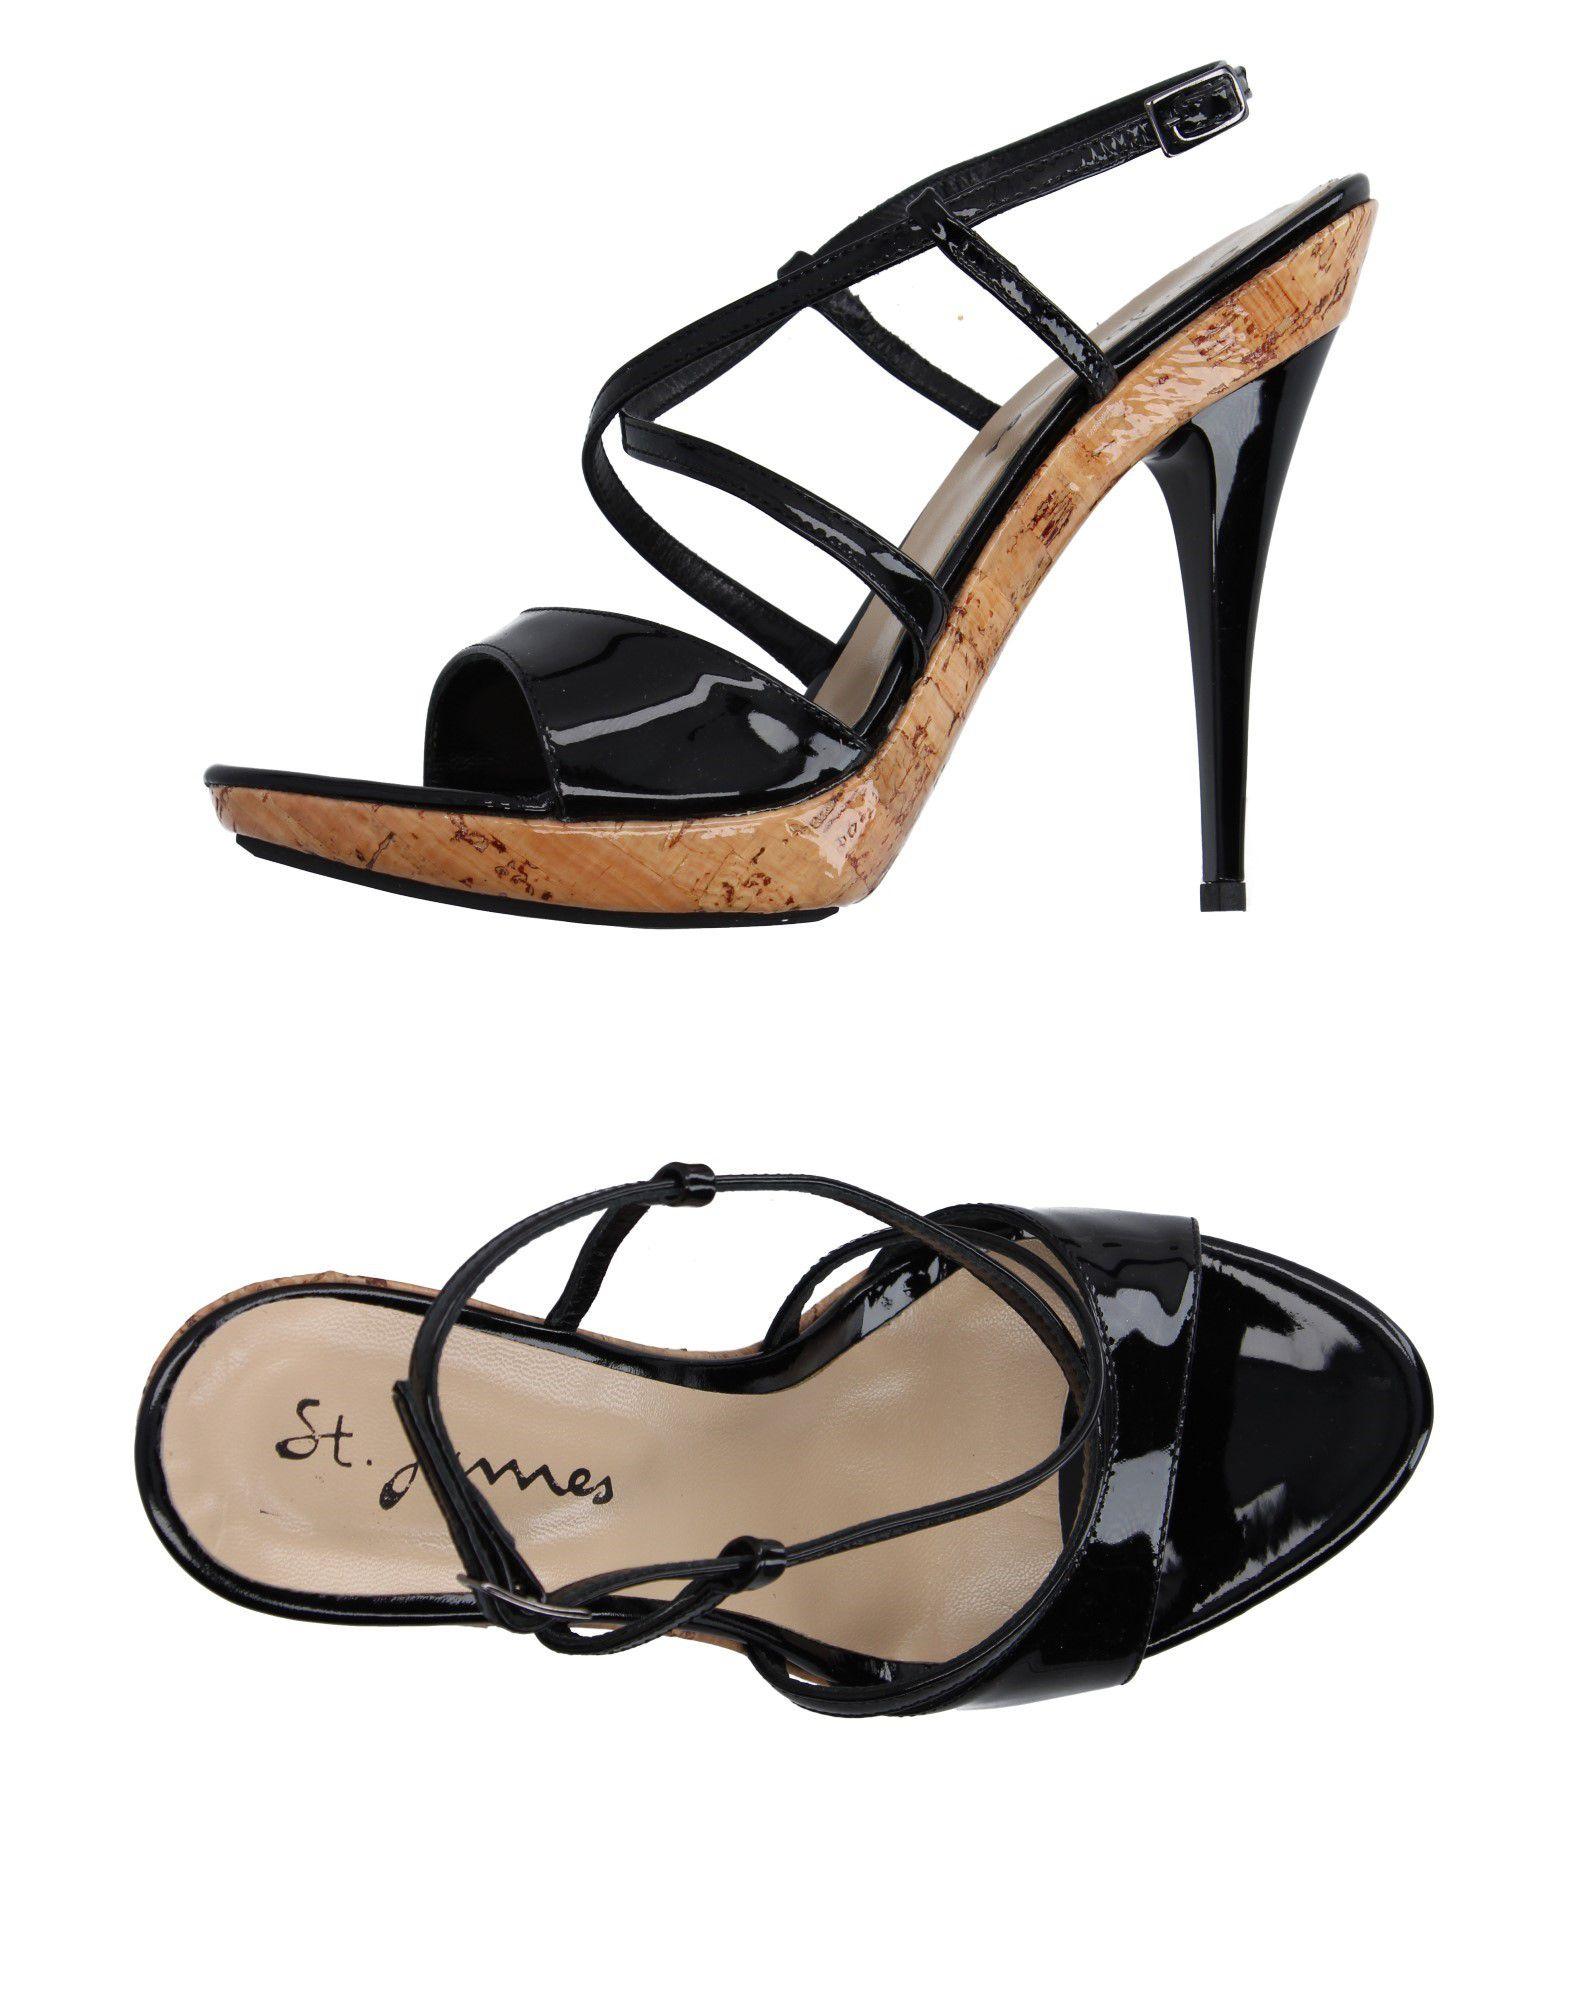 St. James Sandalen Damen  11193422KP Gute Qualität beliebte Schuhe